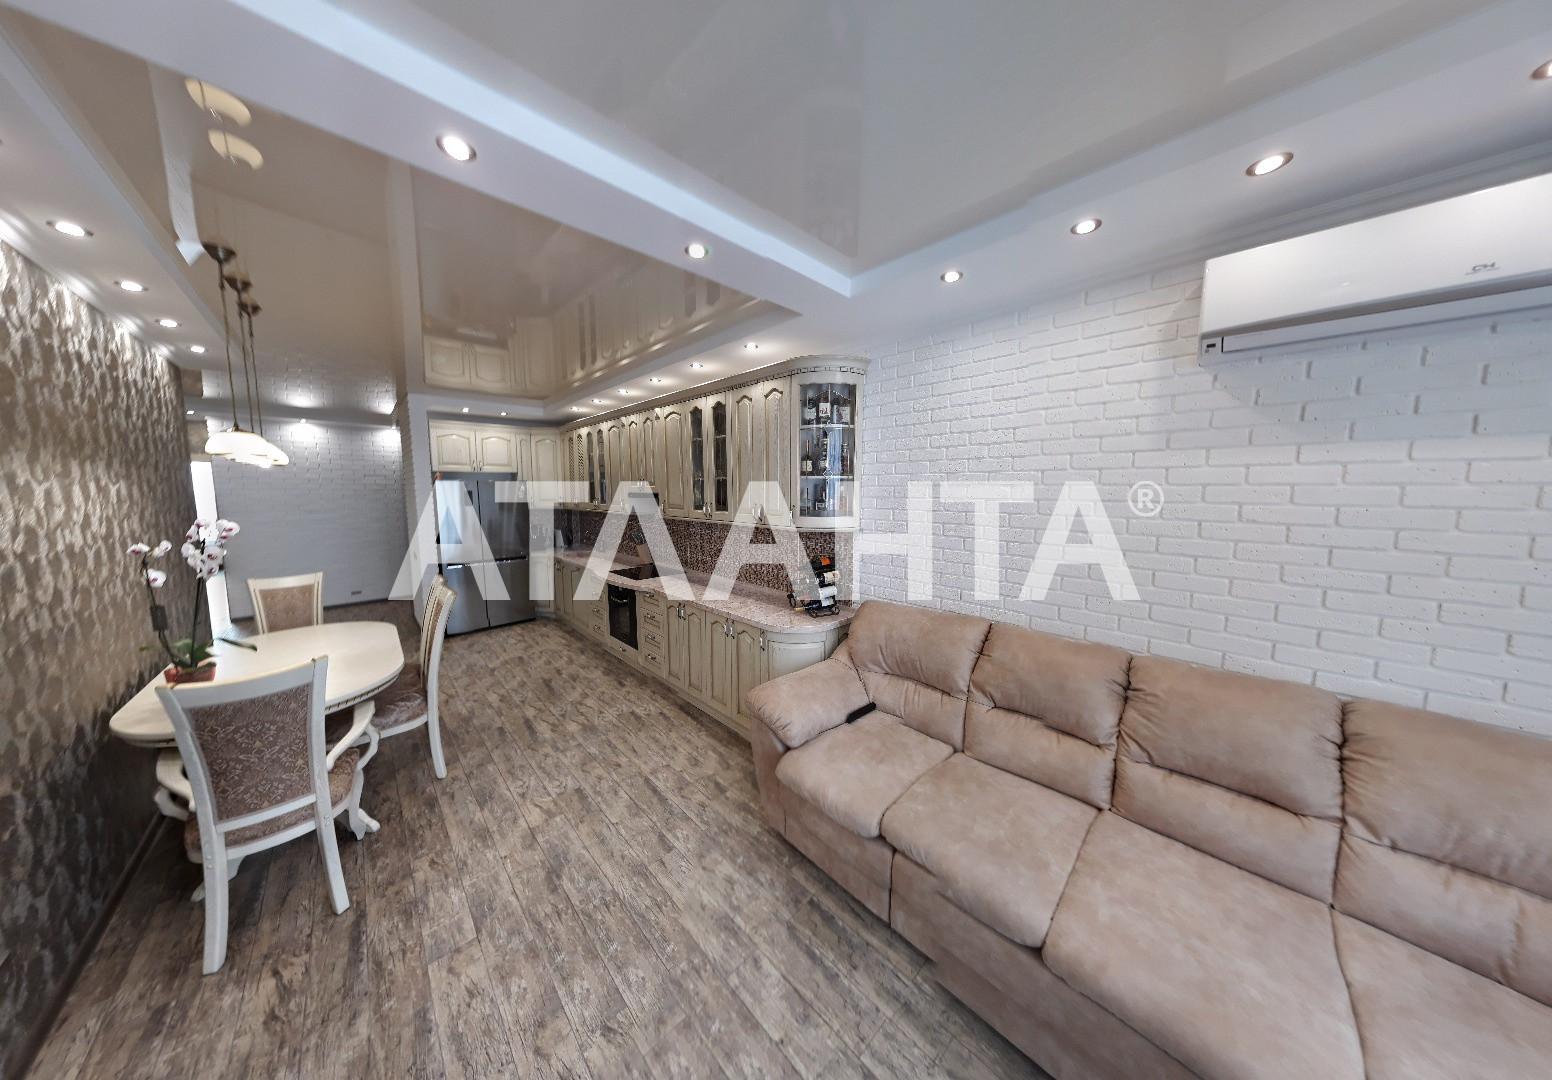 Продается 3-комнатная Квартира на ул. Конева — 165 000 у.е. (фото №4)